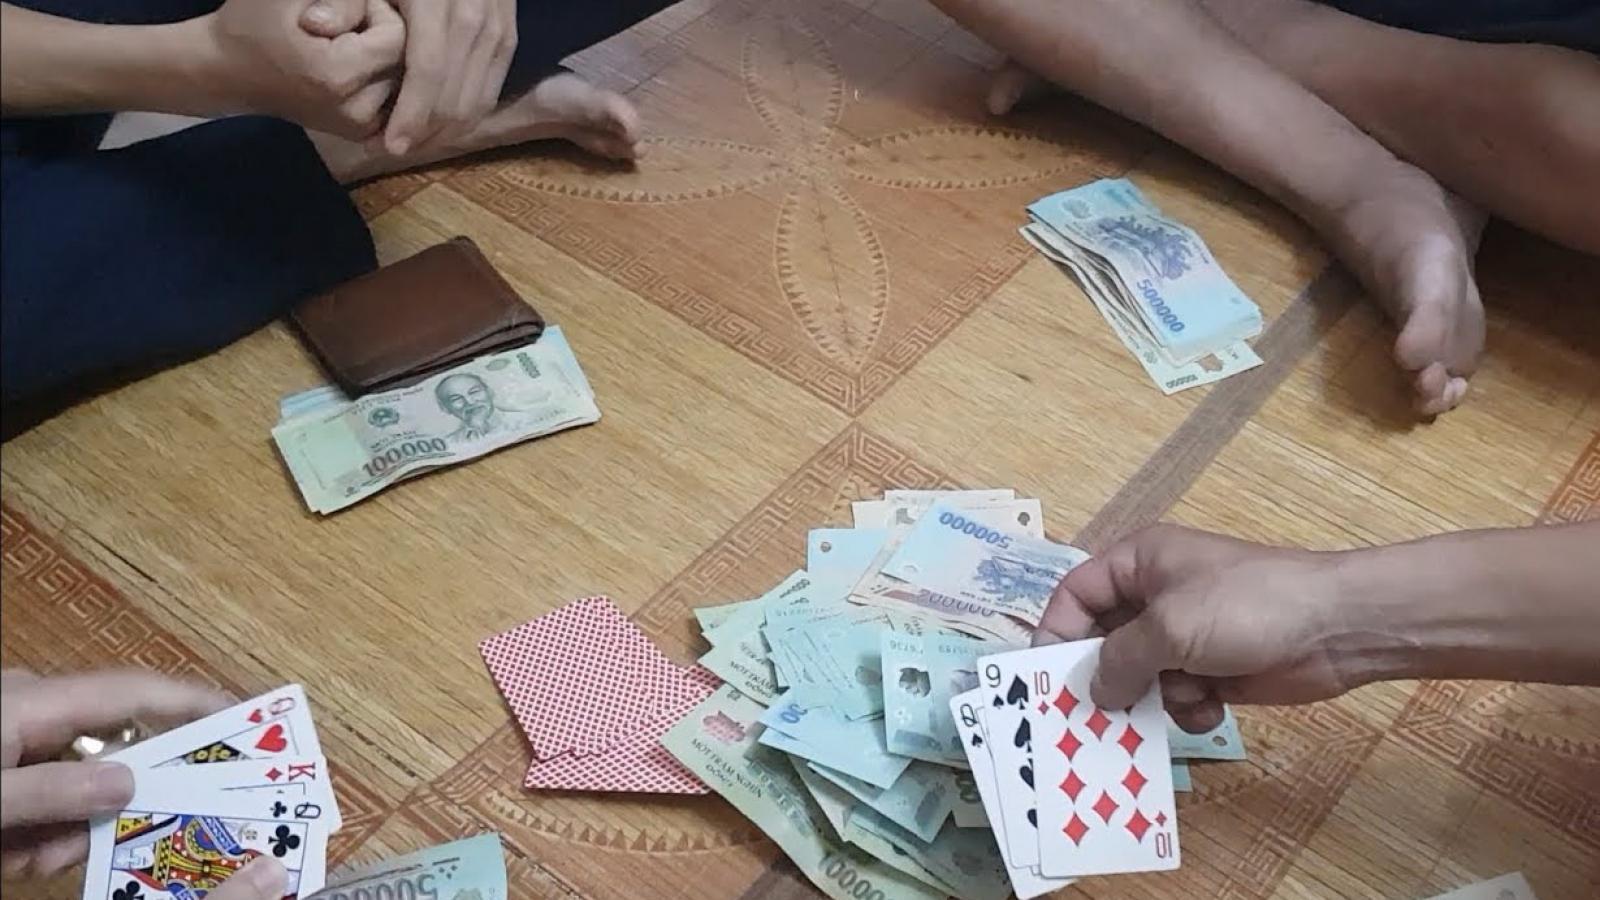 Phó Bí thư Đảng ủy xã và nguyên Chủ tịch xã bị khởi tố vì đánh bạc